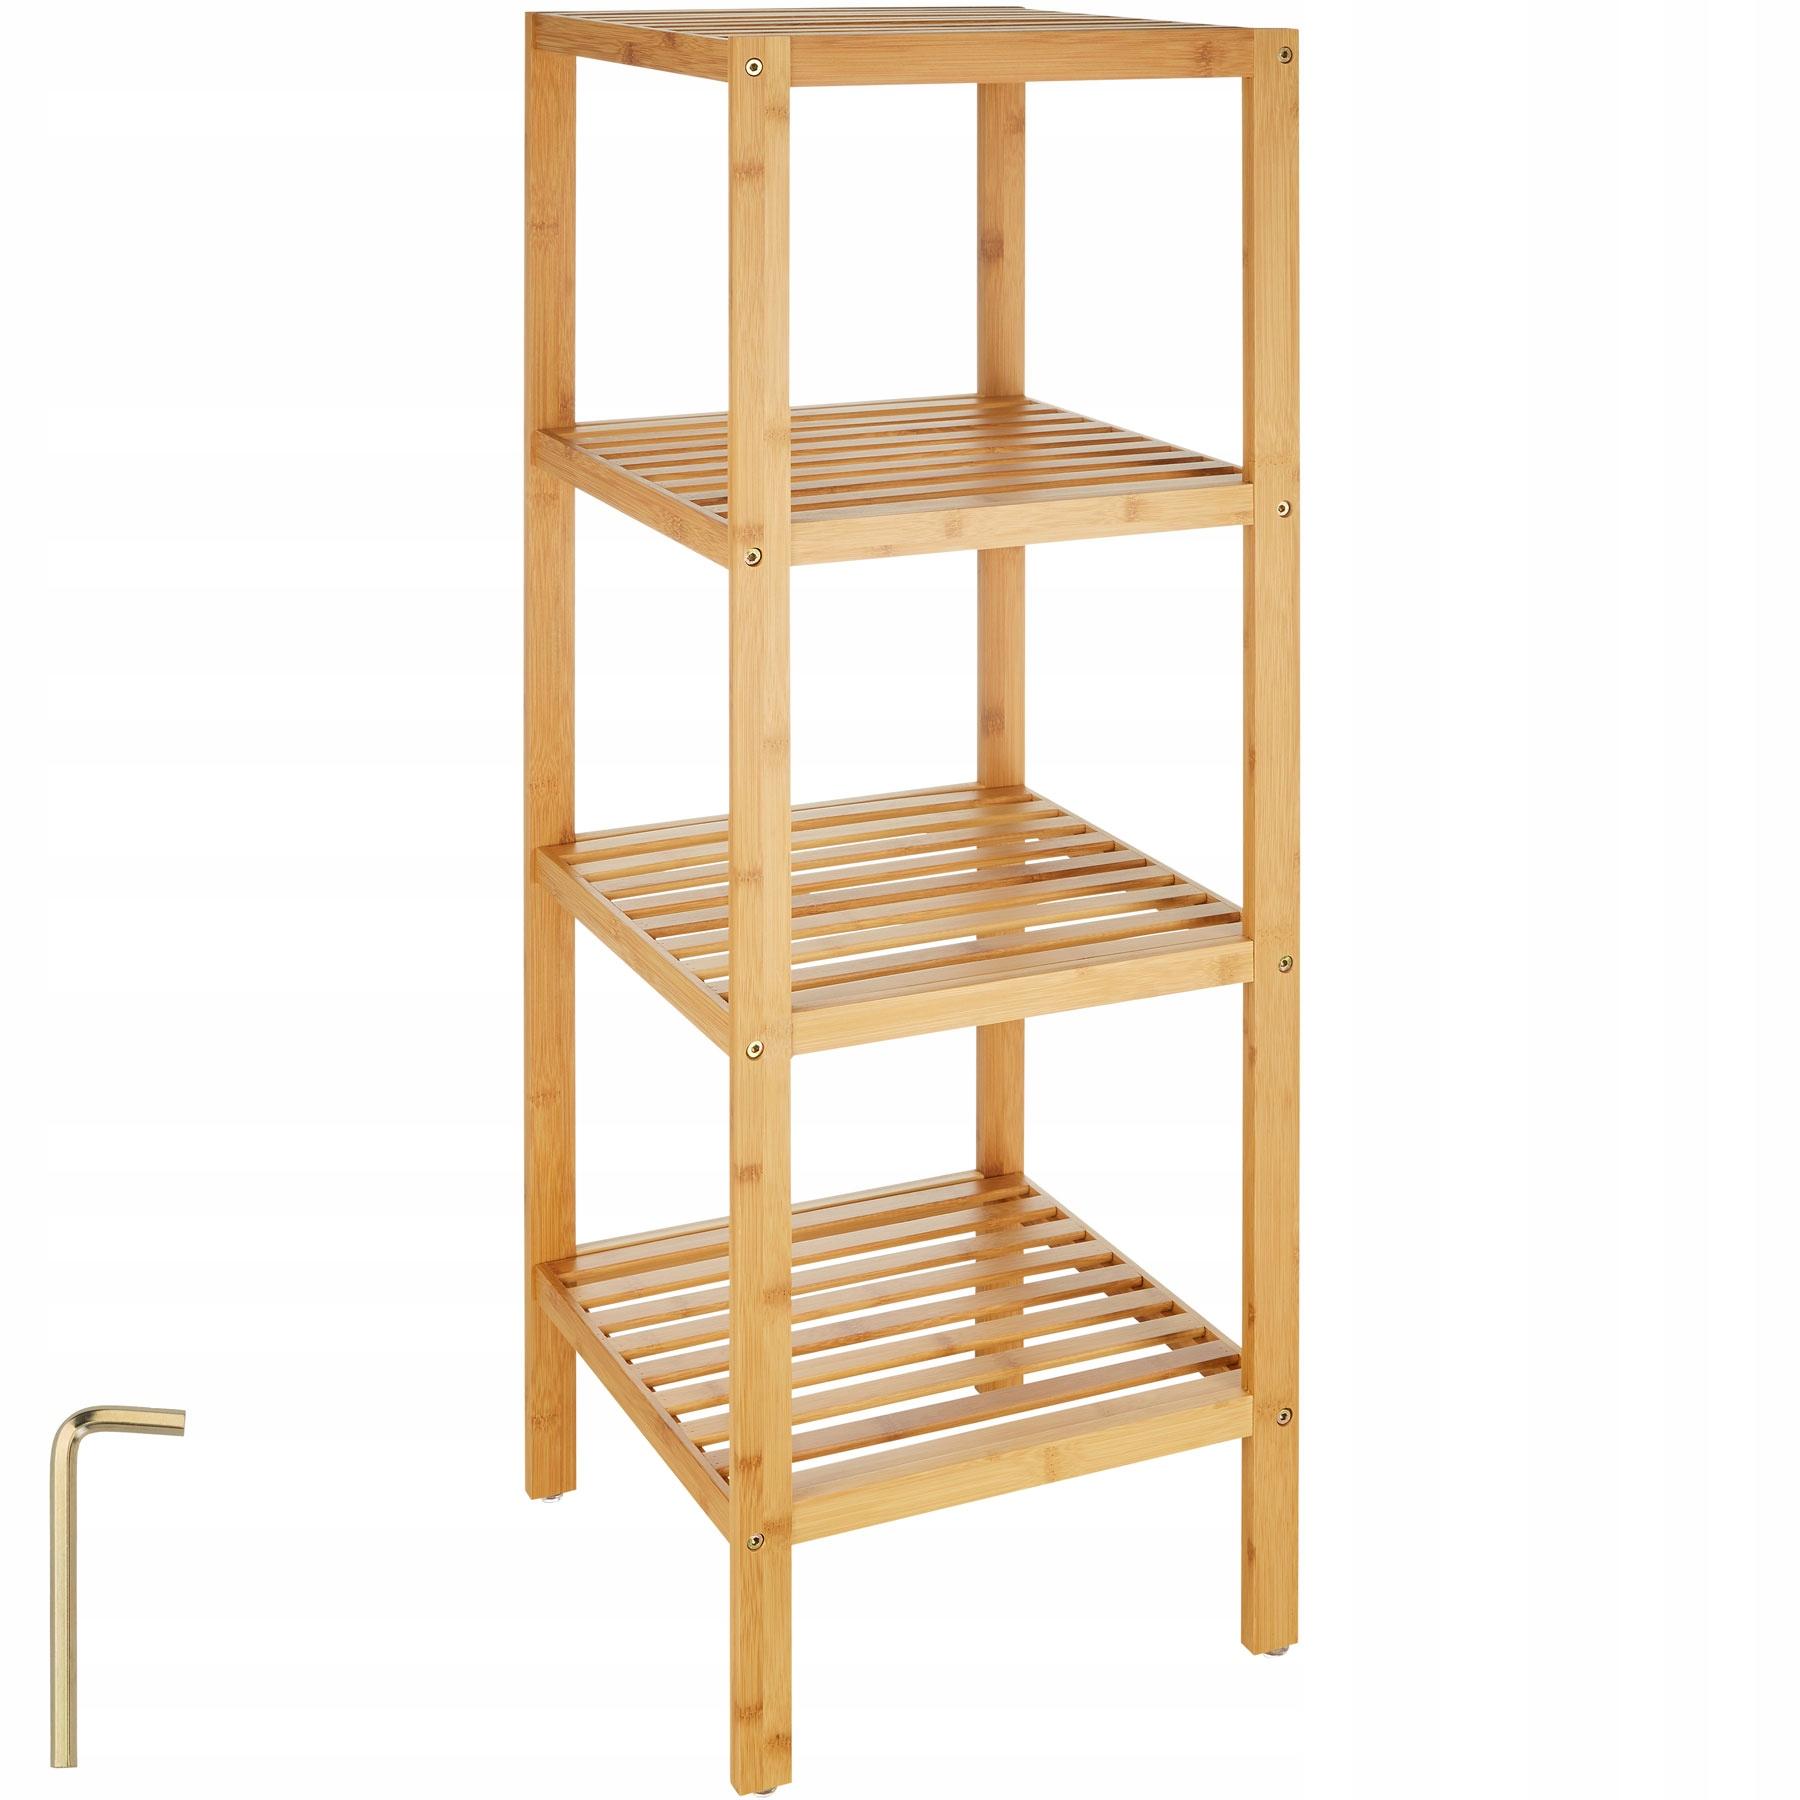 Skrinka dreva, bambusové 4 tier 401647